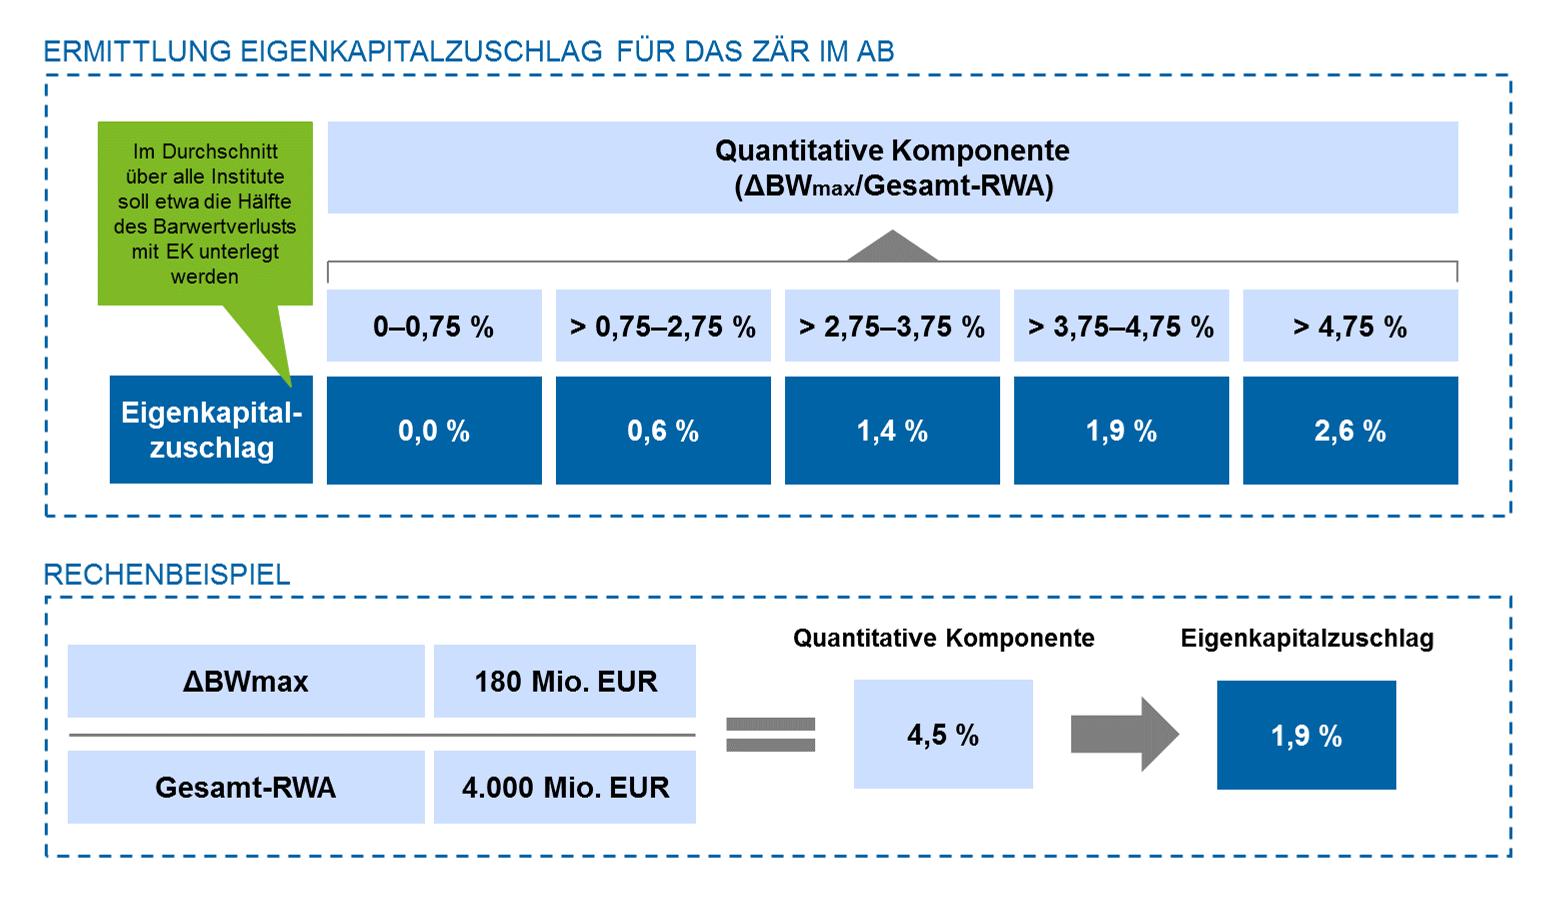 Aufsichtliche Tabelle zur Ermittlung des Eigenkapitalzuschlags für Zinsänderungsrisiken und Rechenbeispiel